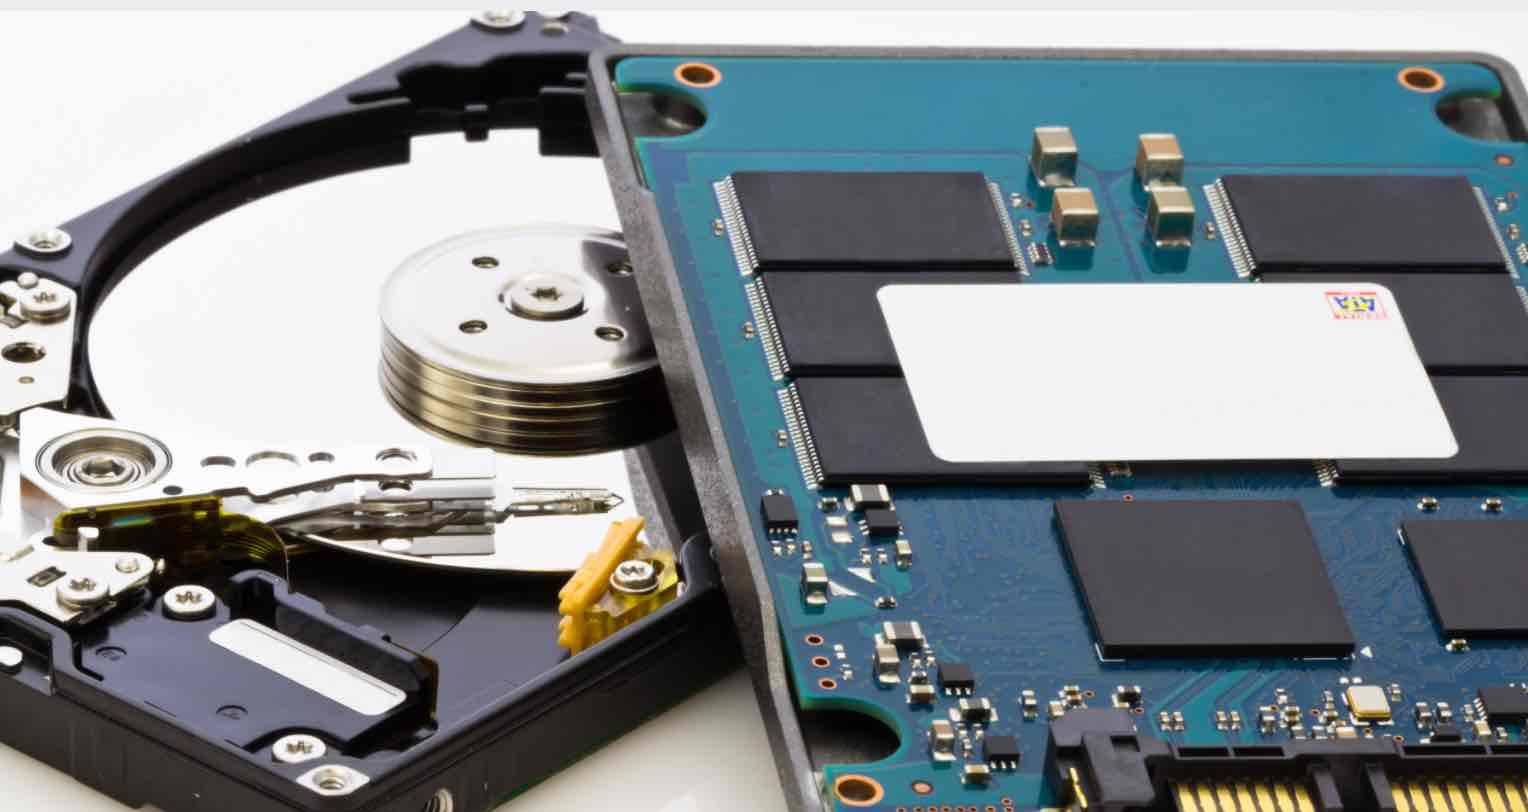 ghi dữ liệu vào ổ đĩa NTFS